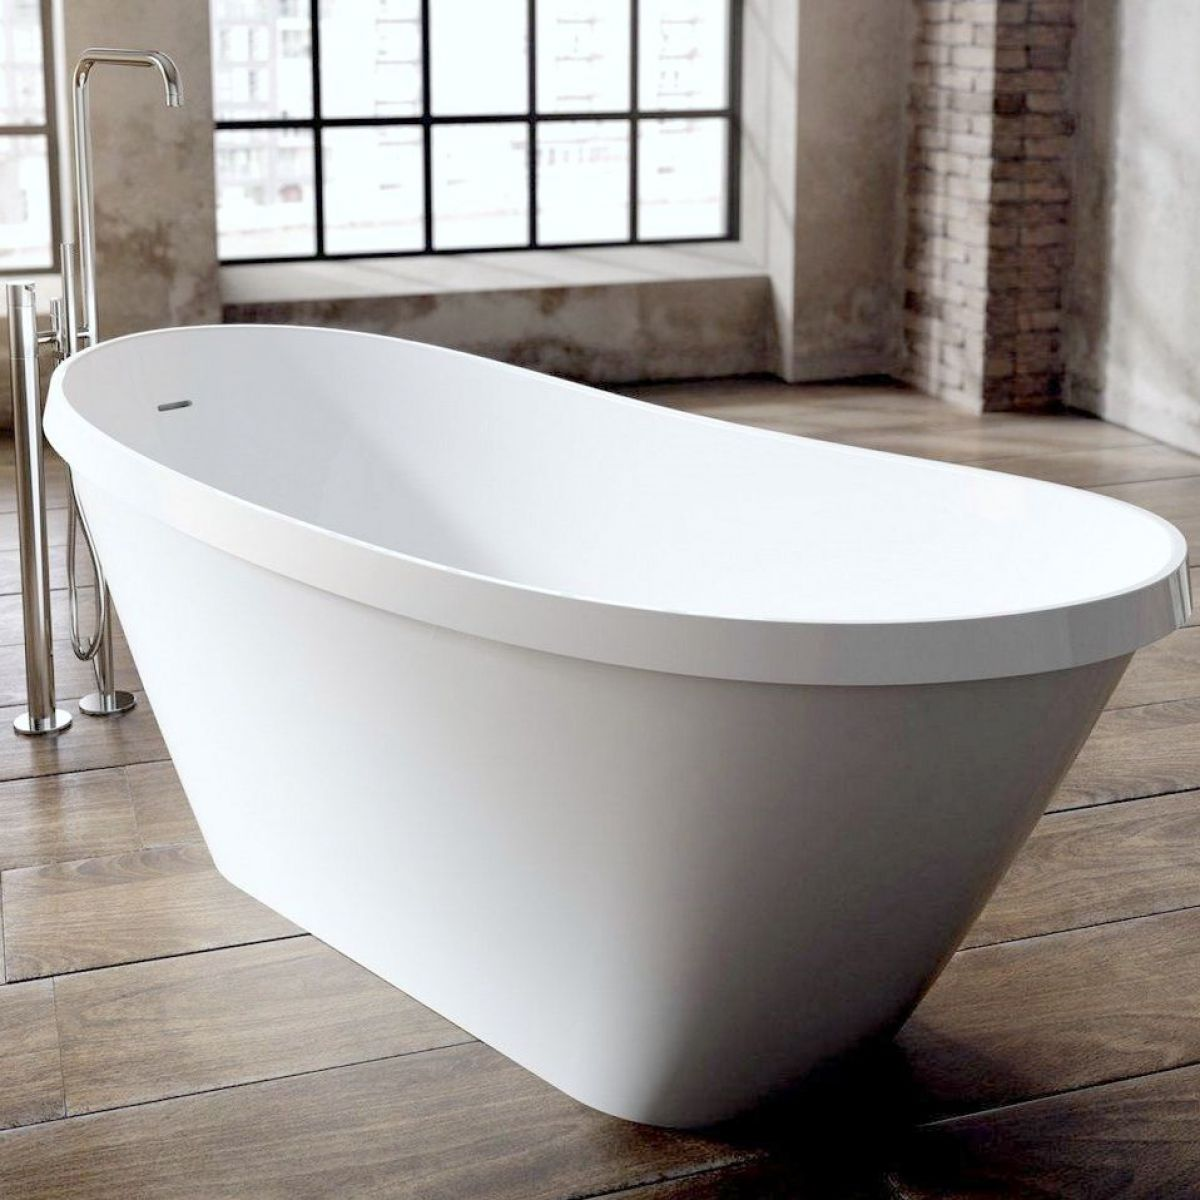 Ramsden & Mosley Arran Modern Freestanding Bath : UK Bathrooms